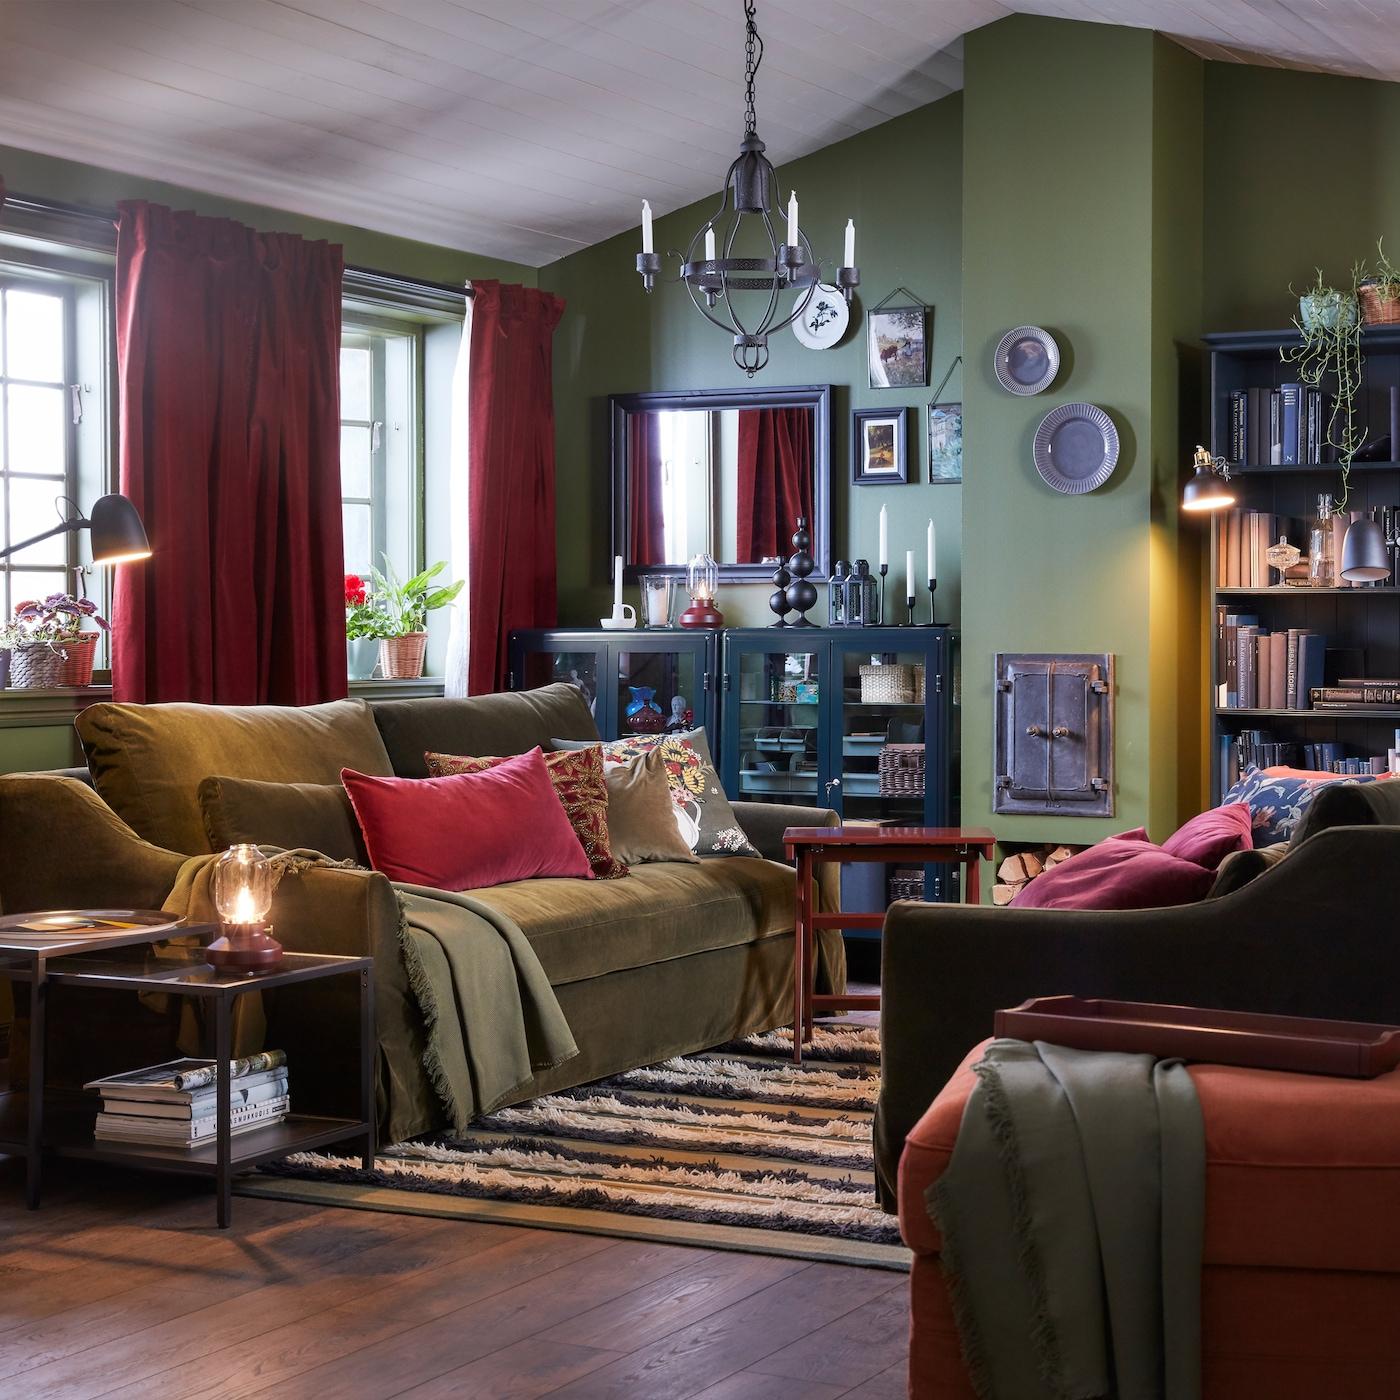 Pokój dzienny z dwoma oliwkowozielonymi sofami, jasnoczerwonym podnóżkiem, czarnym żyrandolem, czerwonobrązowymi zasłonami i pasiastym dywanem.